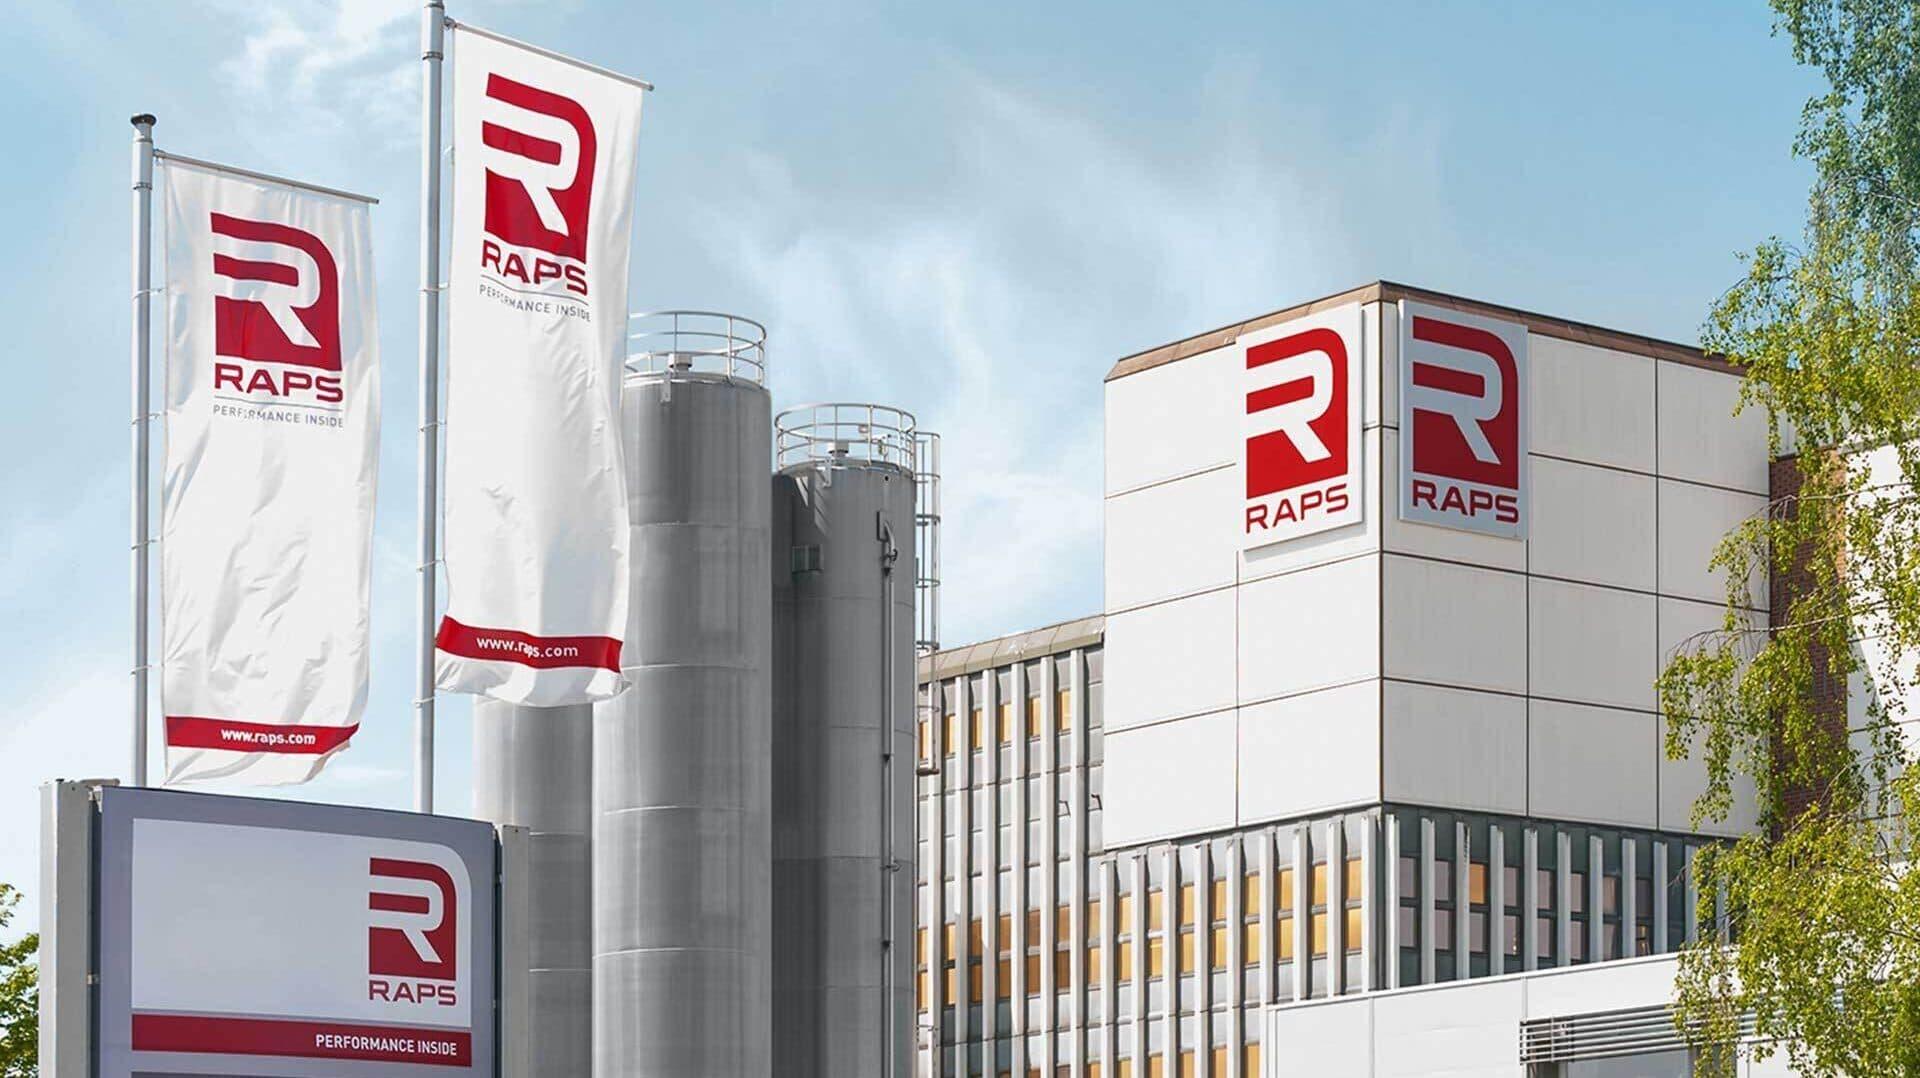 Gebäude der Firma Raps